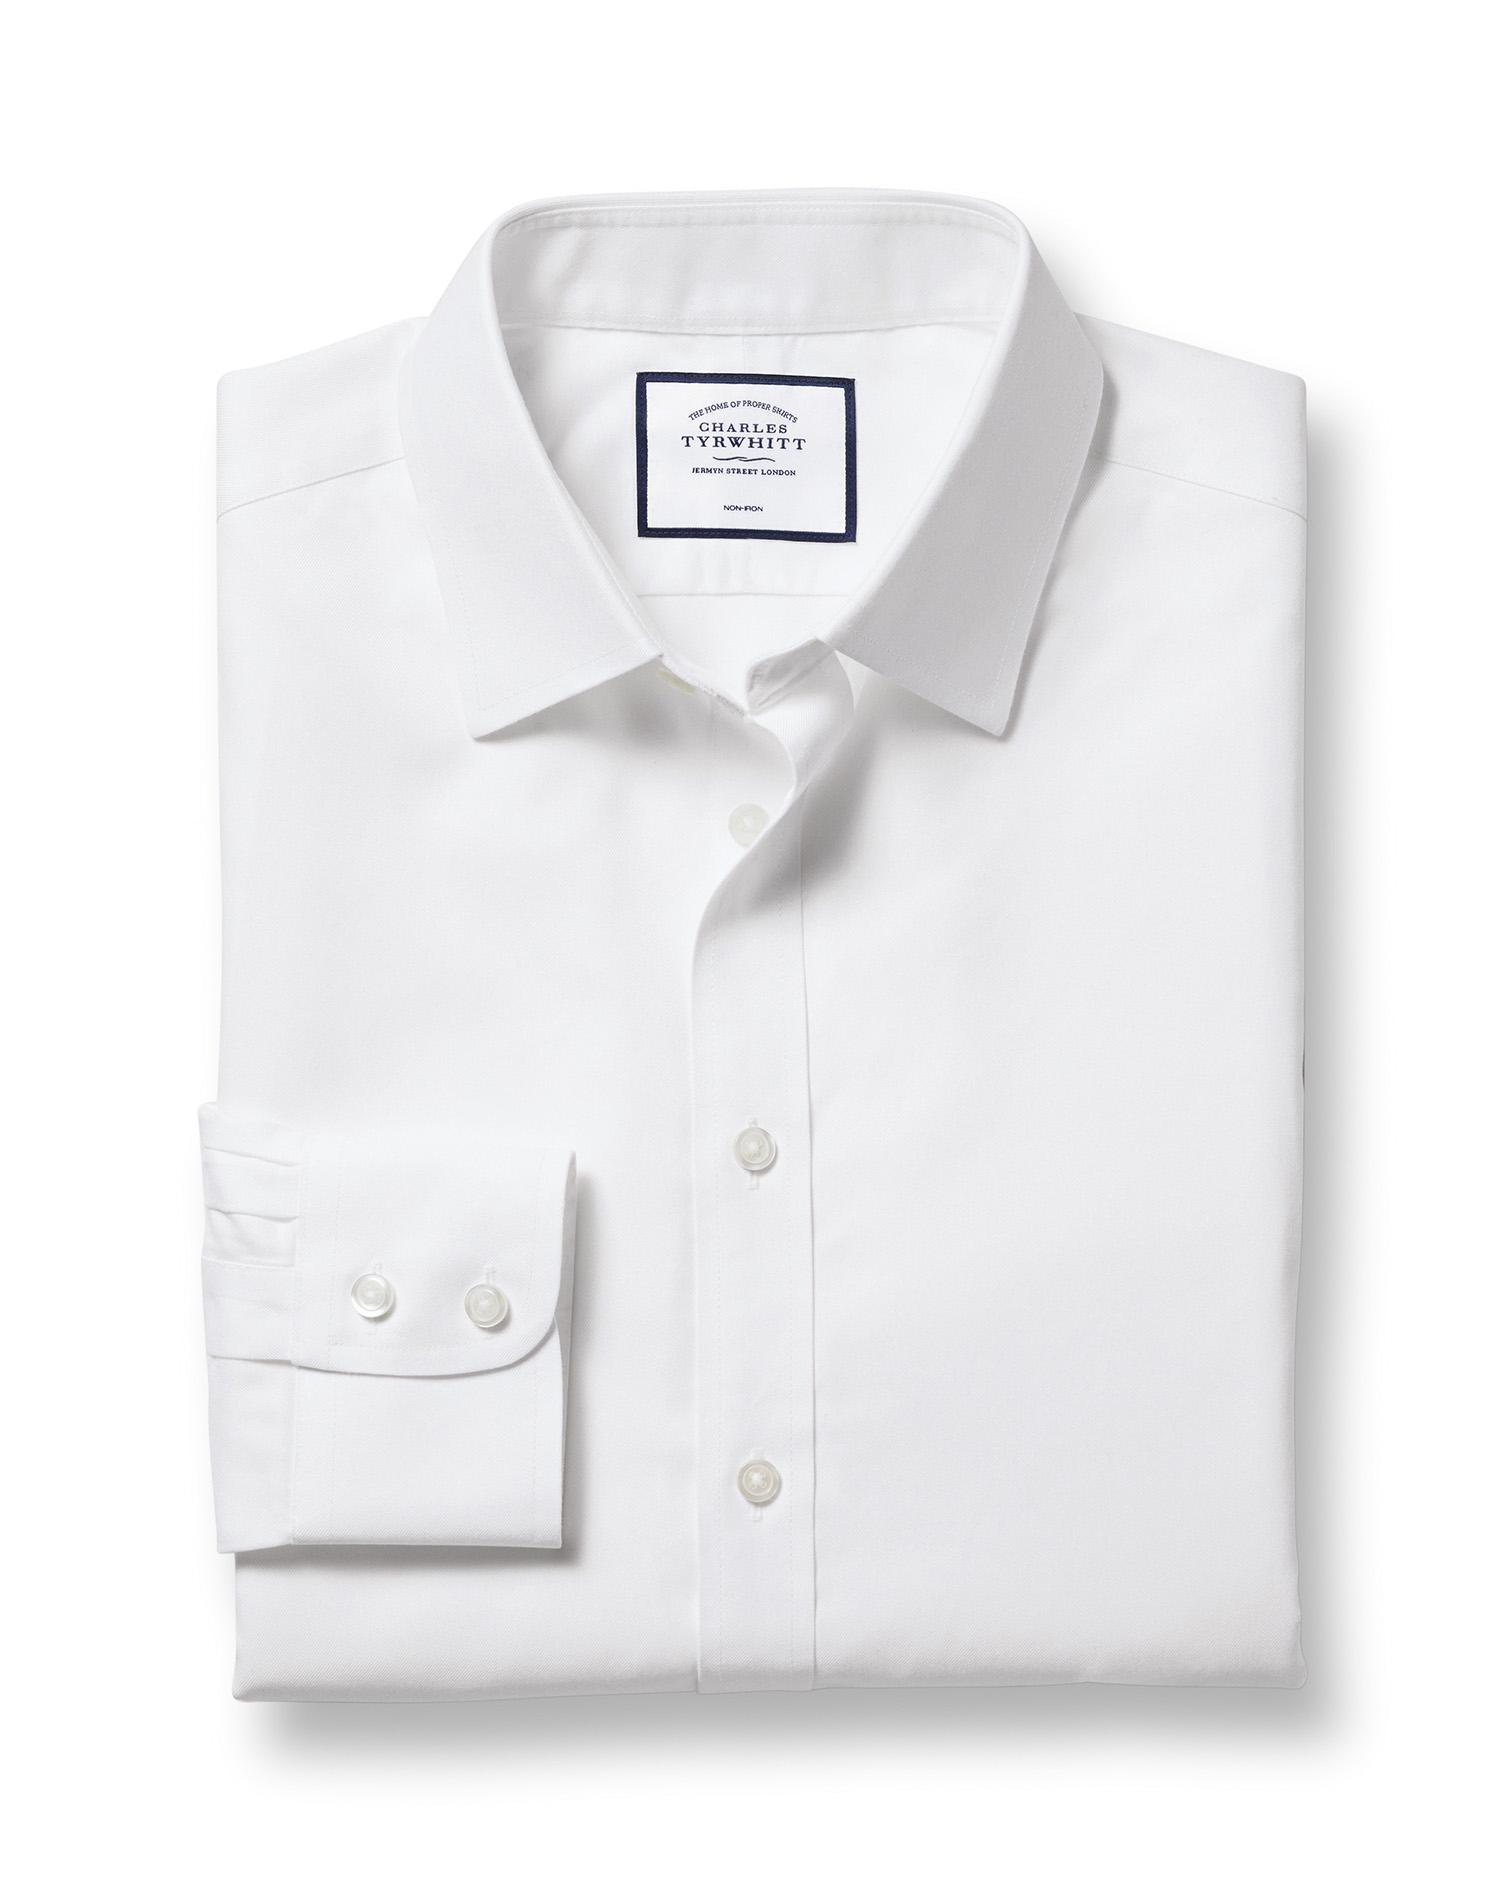 Cotton Slim Fit White Non-Iron Twill Shirt